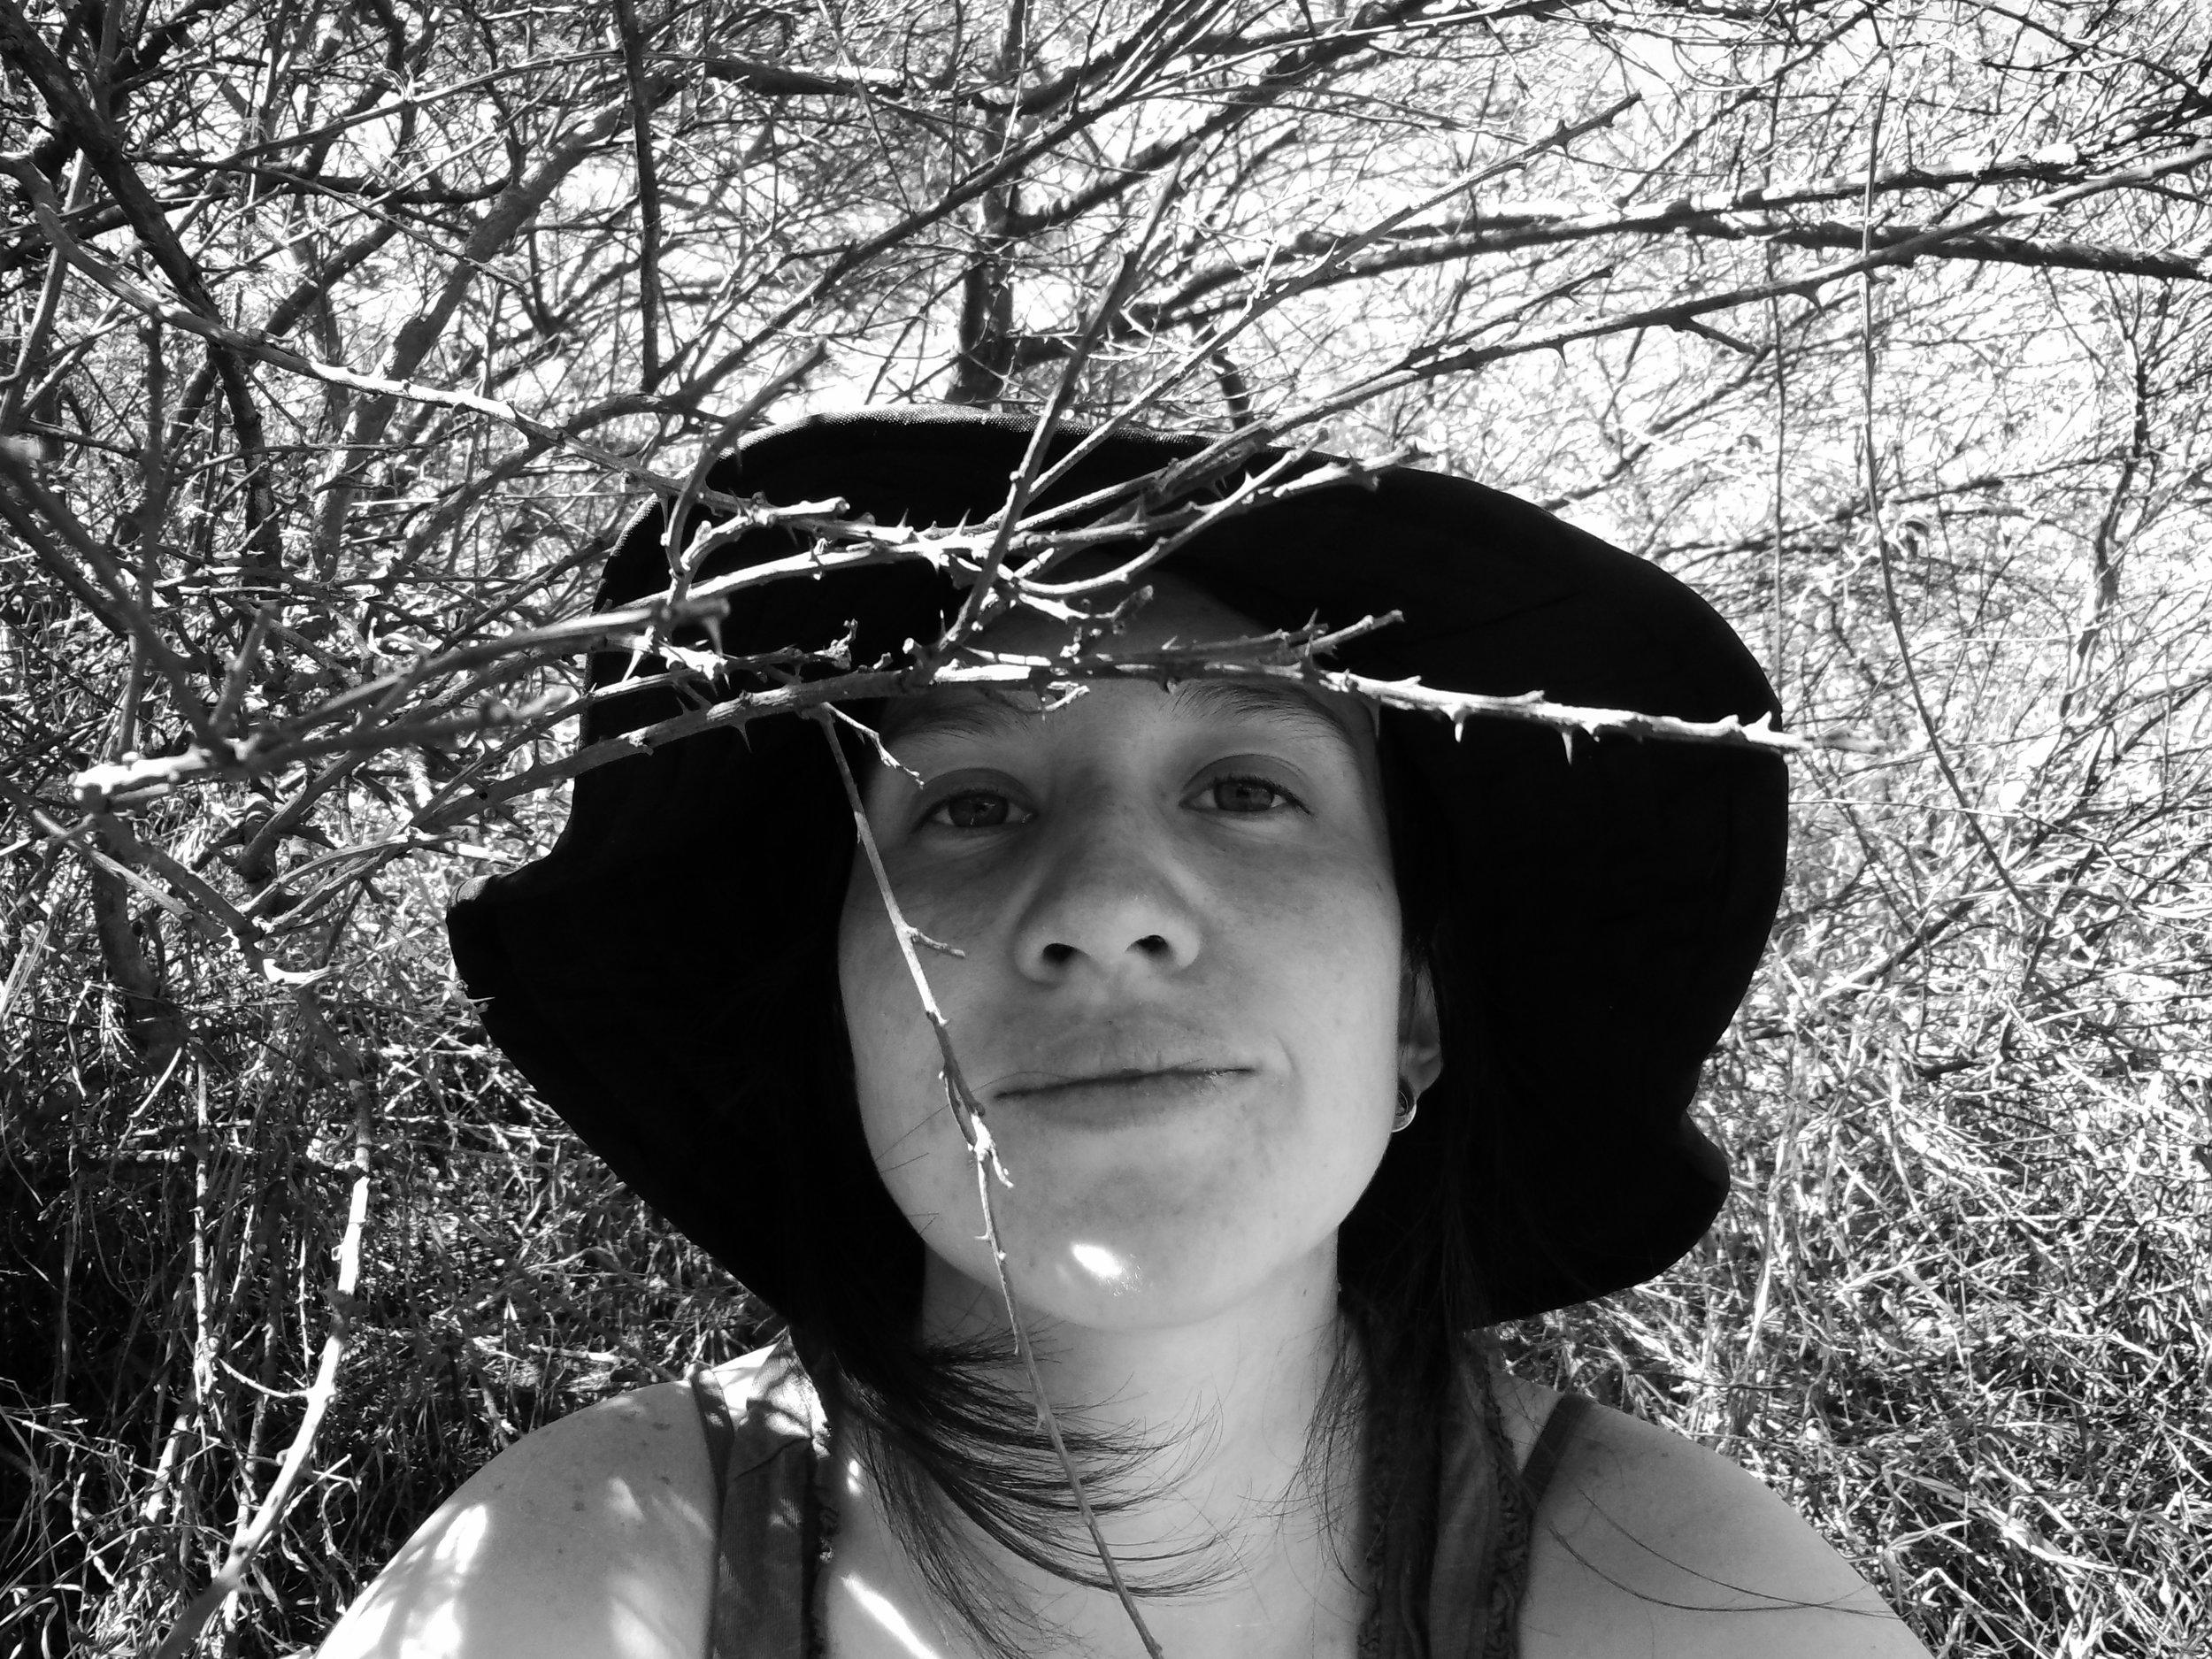 Gabriela Jaramillo Dávila - Ecóloga, socióloga y madre. Amante de la naturaleza y apasionada por contribuir a cambios sociales que nos permitan mejorar nuestra calidad de vida y la de nuestro planeta. Ha participado en varios proyectos relacionados con el medioambiente, huertos escolares, permacultura, y agroecología. Actualmente trabaja en Ecobolsas CICLO, un emprendimiento que busca reducir la basura generada por el uso de bolsas plásticas desechables ofreciendo alternativas reusables.Para contactarse puedes escribir a ecobolsasciclo@gmail.comInstagram: @ciclobolsasFacebook: @ciclobolsas